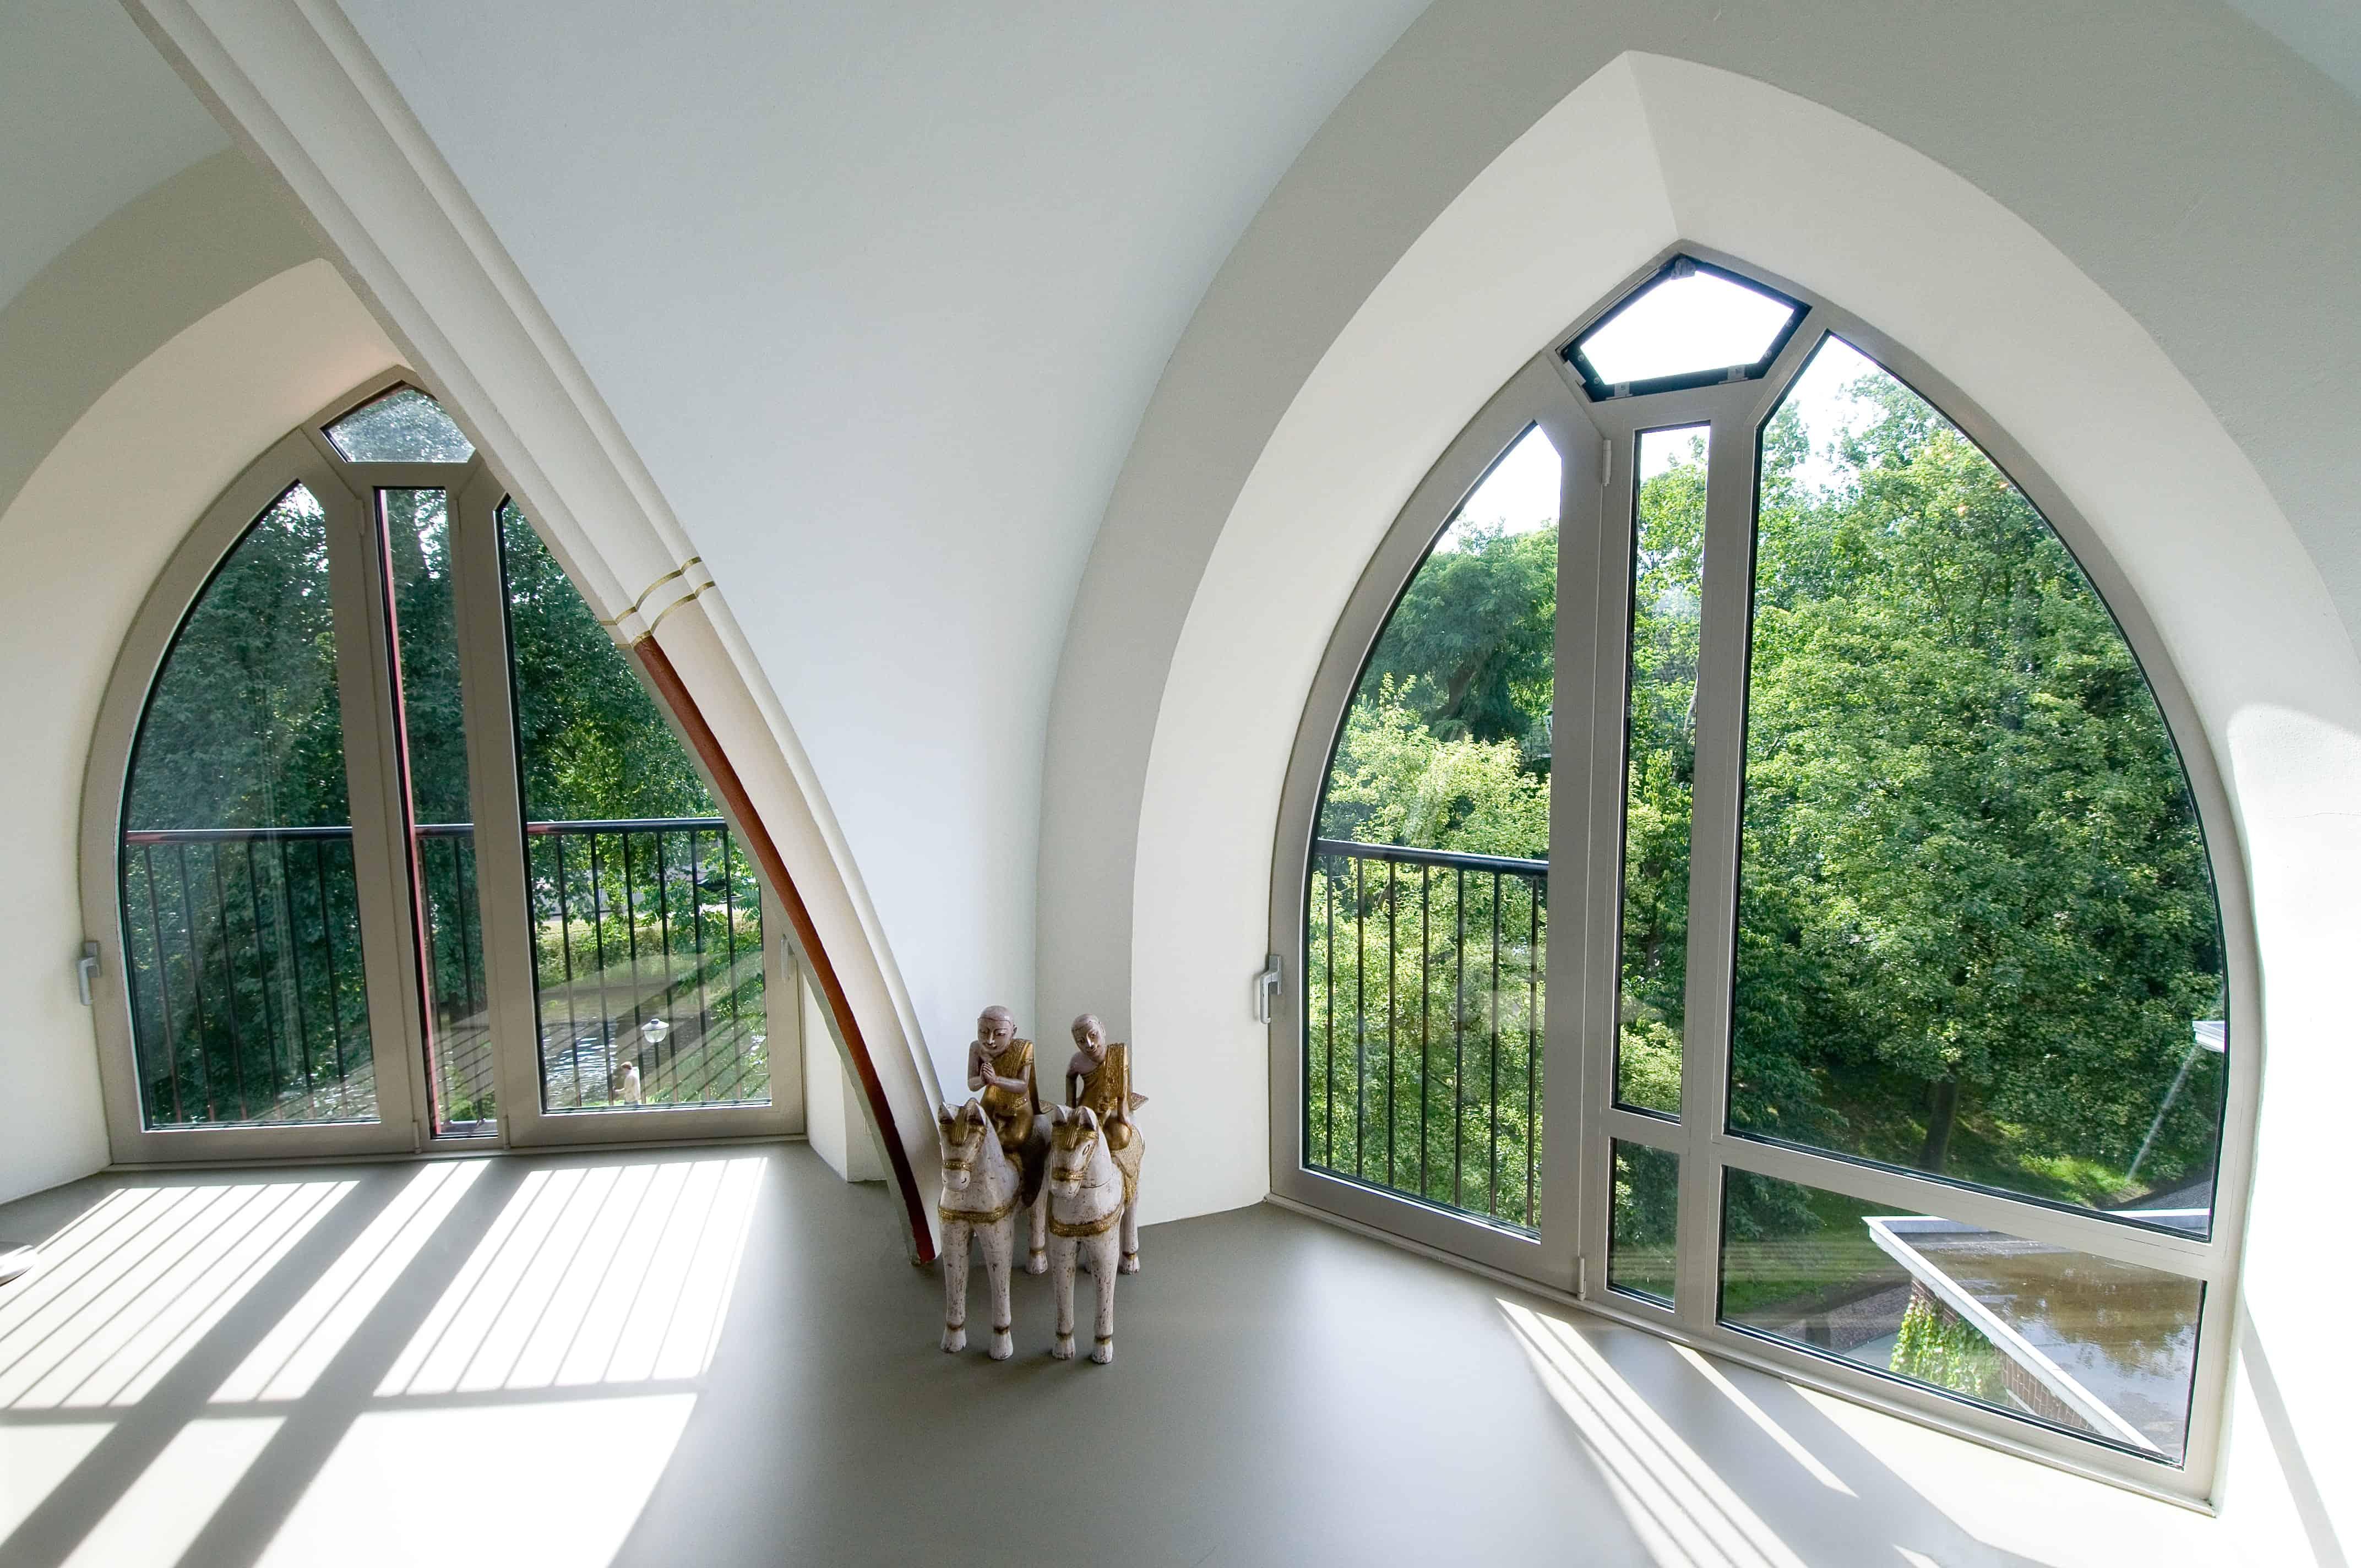 Wildenberg Interieurarchitectuur interieurontwerp voor Penthouse in een kerk